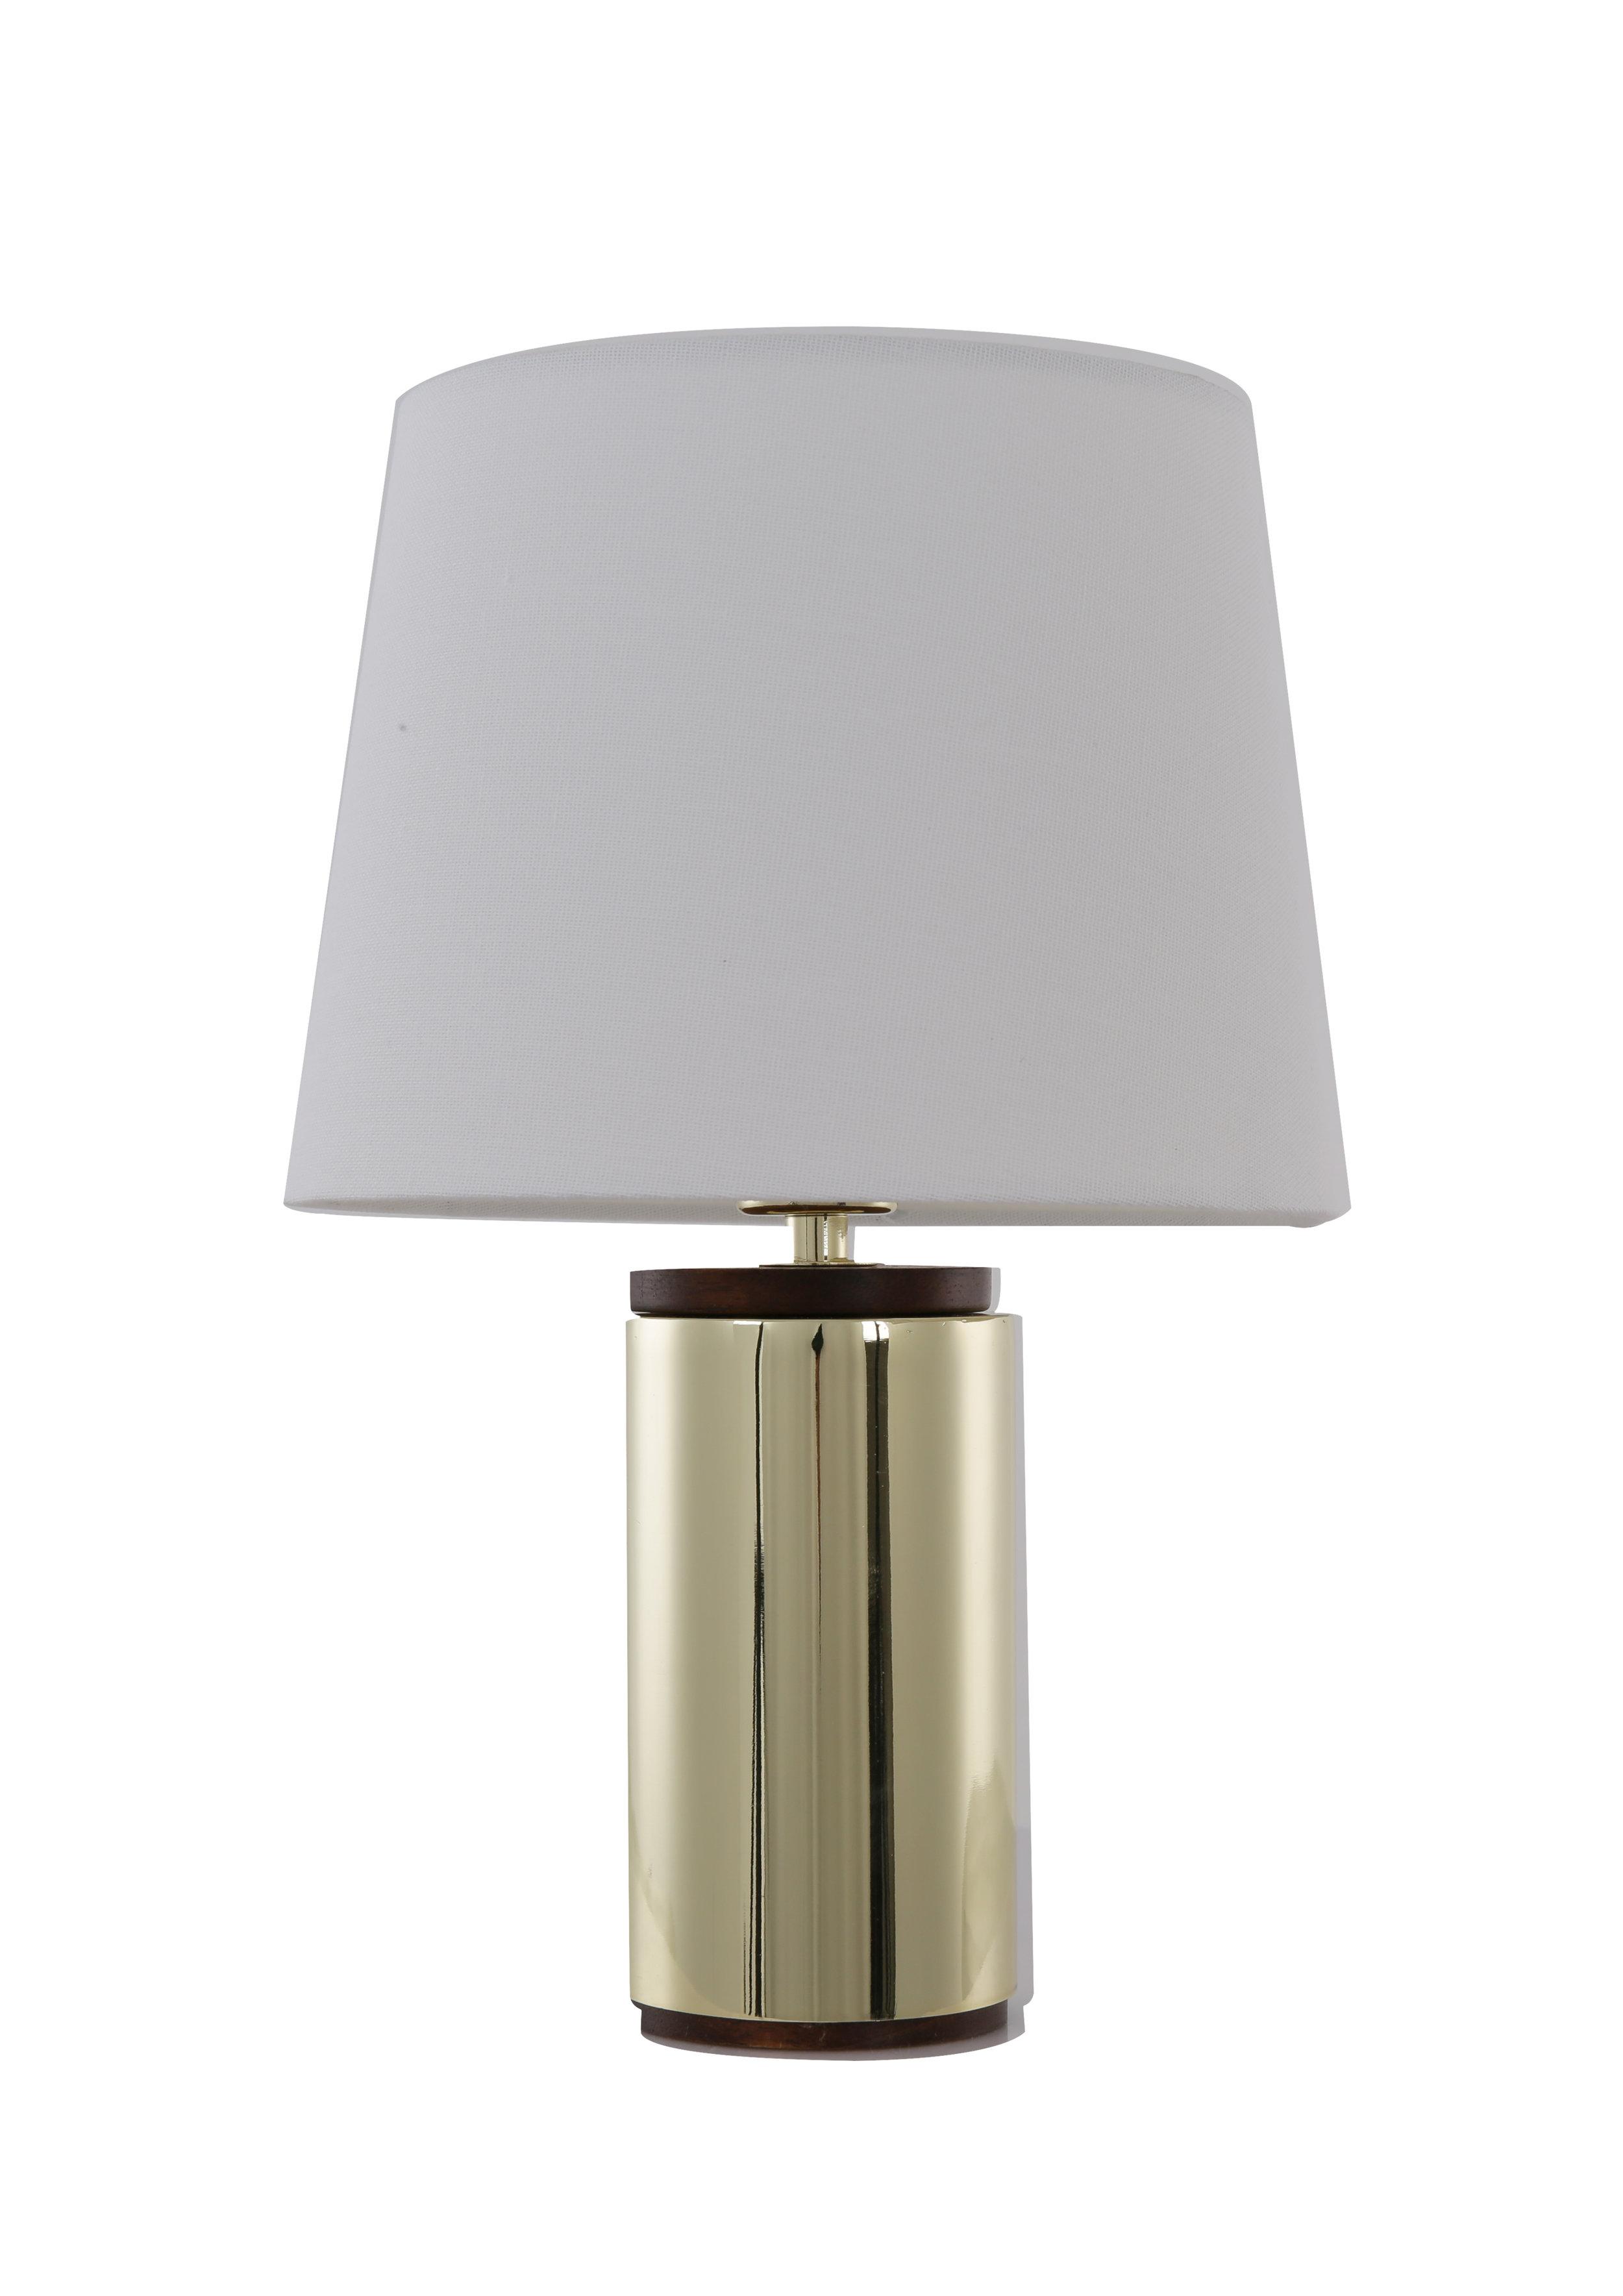 30003646 Parnell Table Lamp.jpg